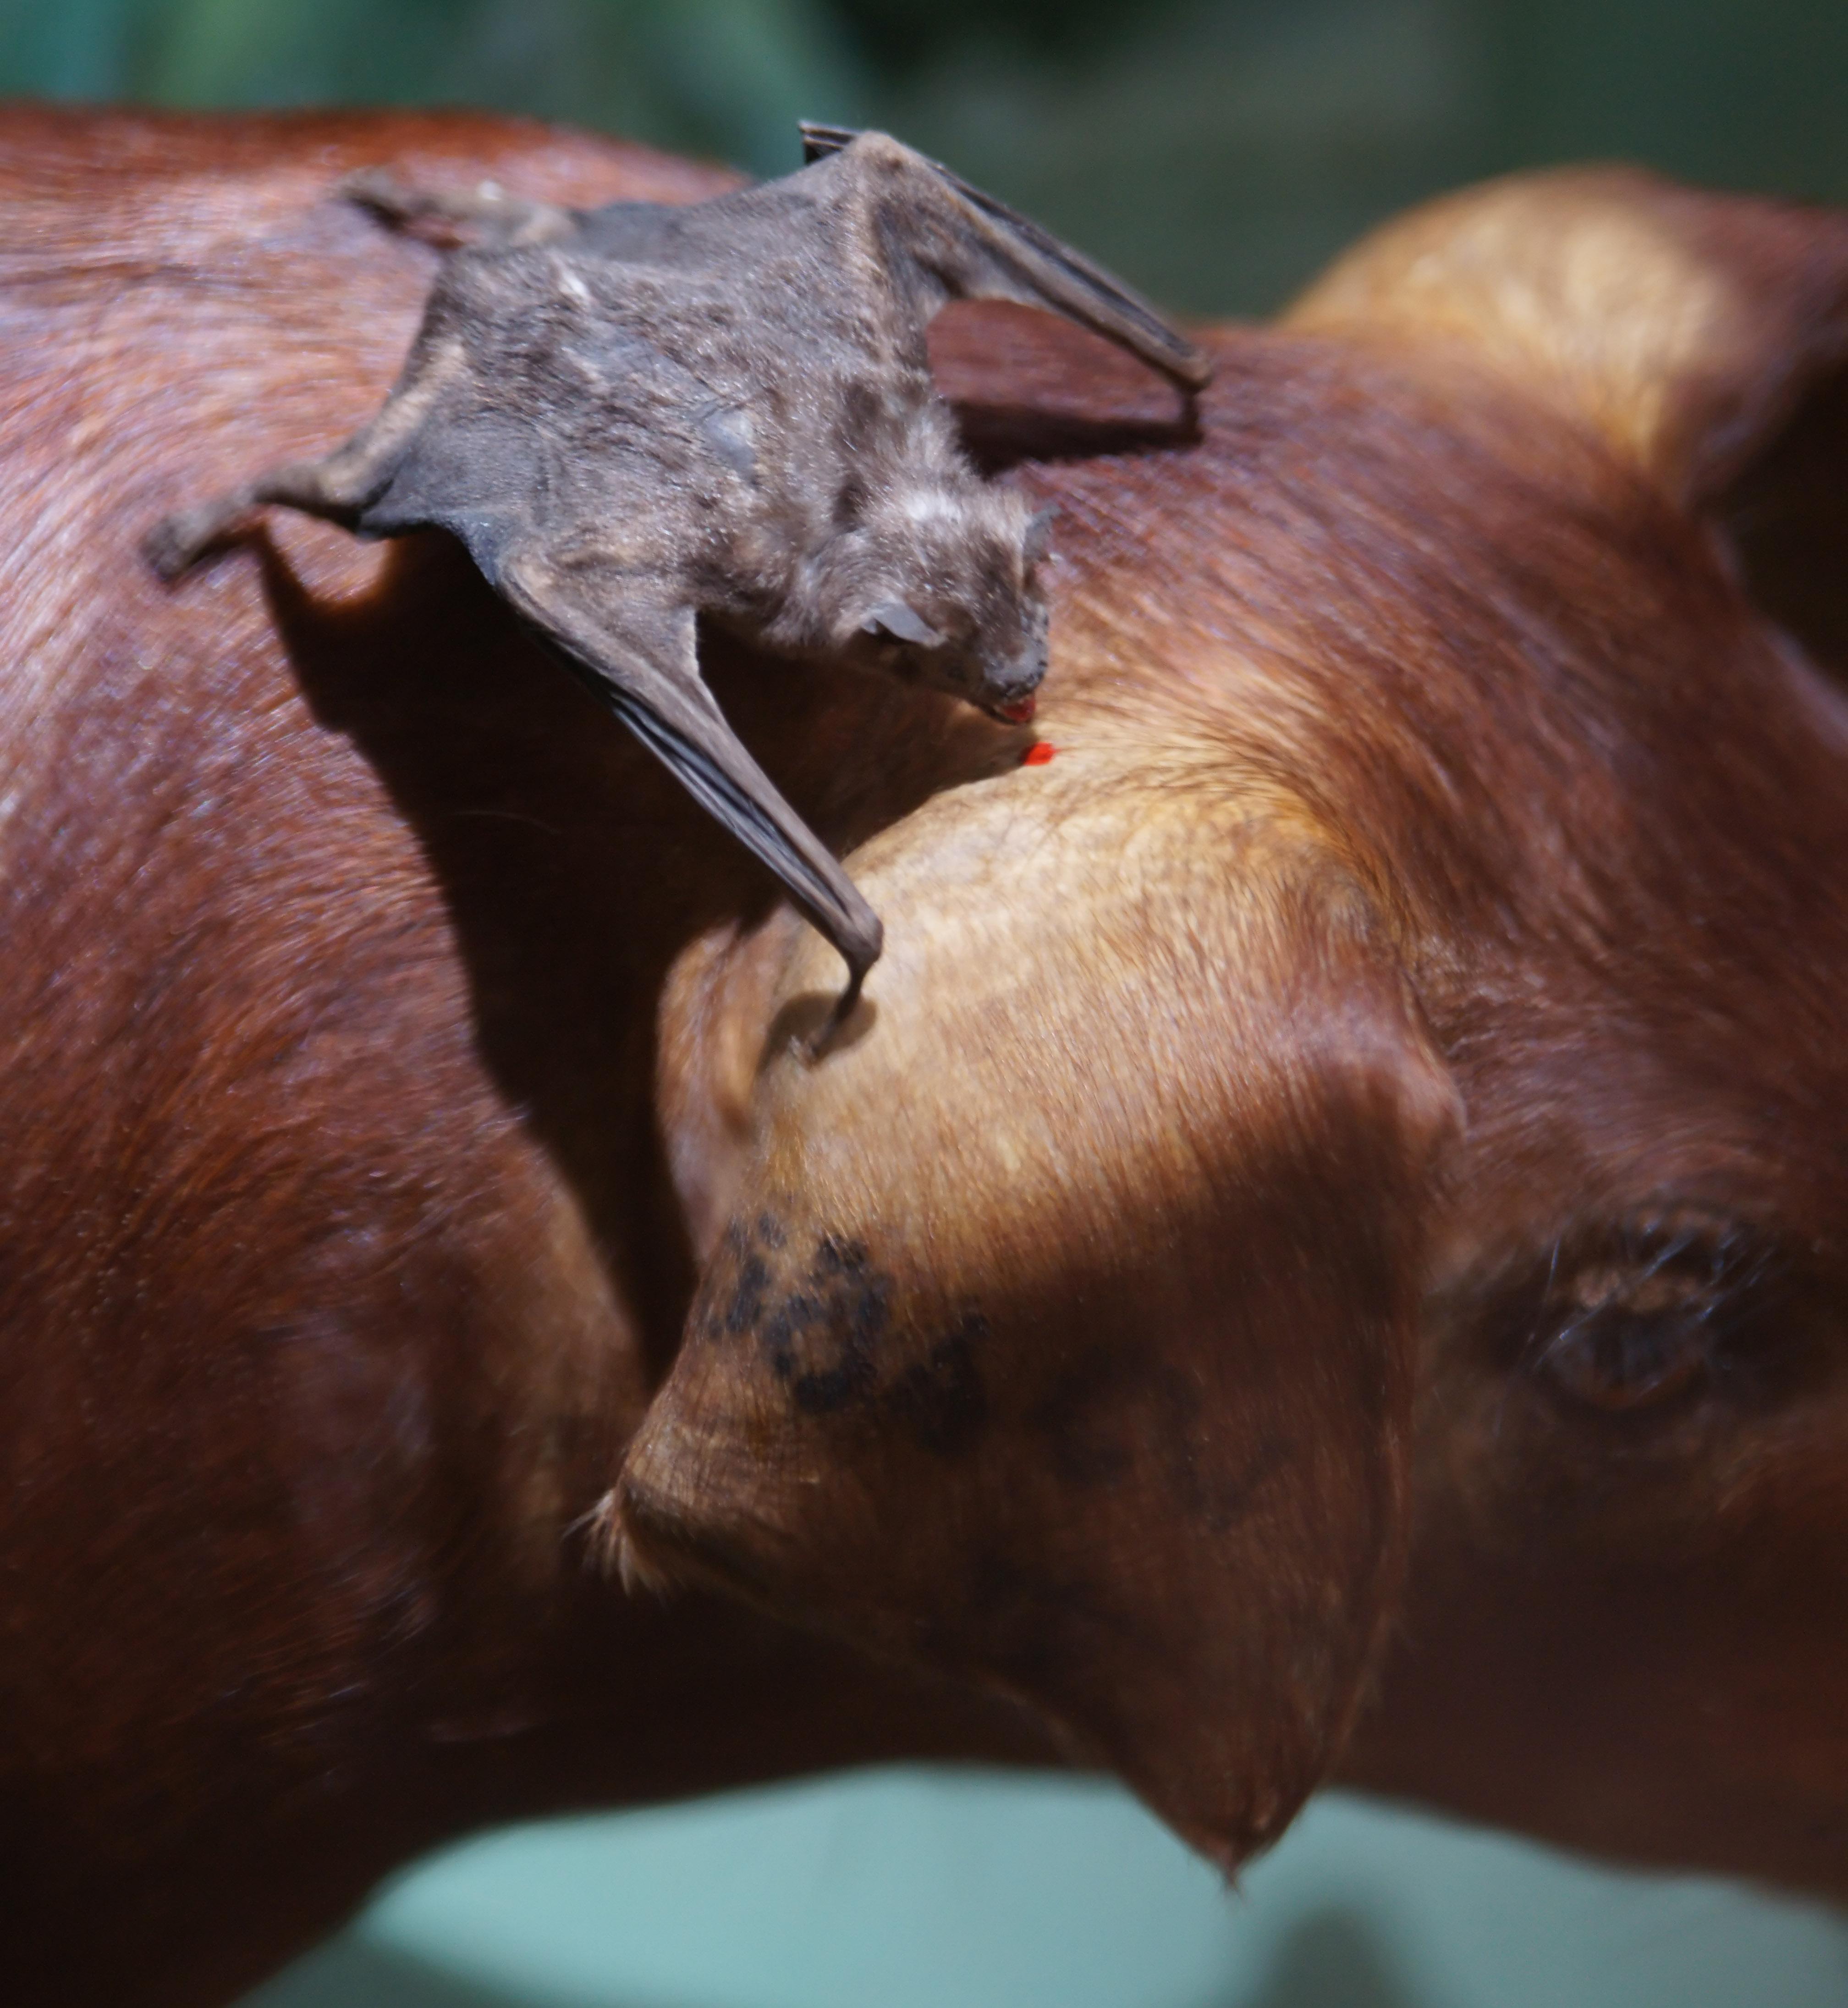 Зверь который пь т у животных кровь фото 2